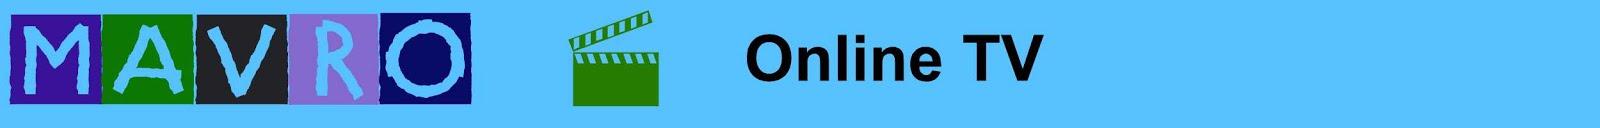 Онлайн ТВ | Новости |  Фильмы | Музыка | Рефераты | Статьи